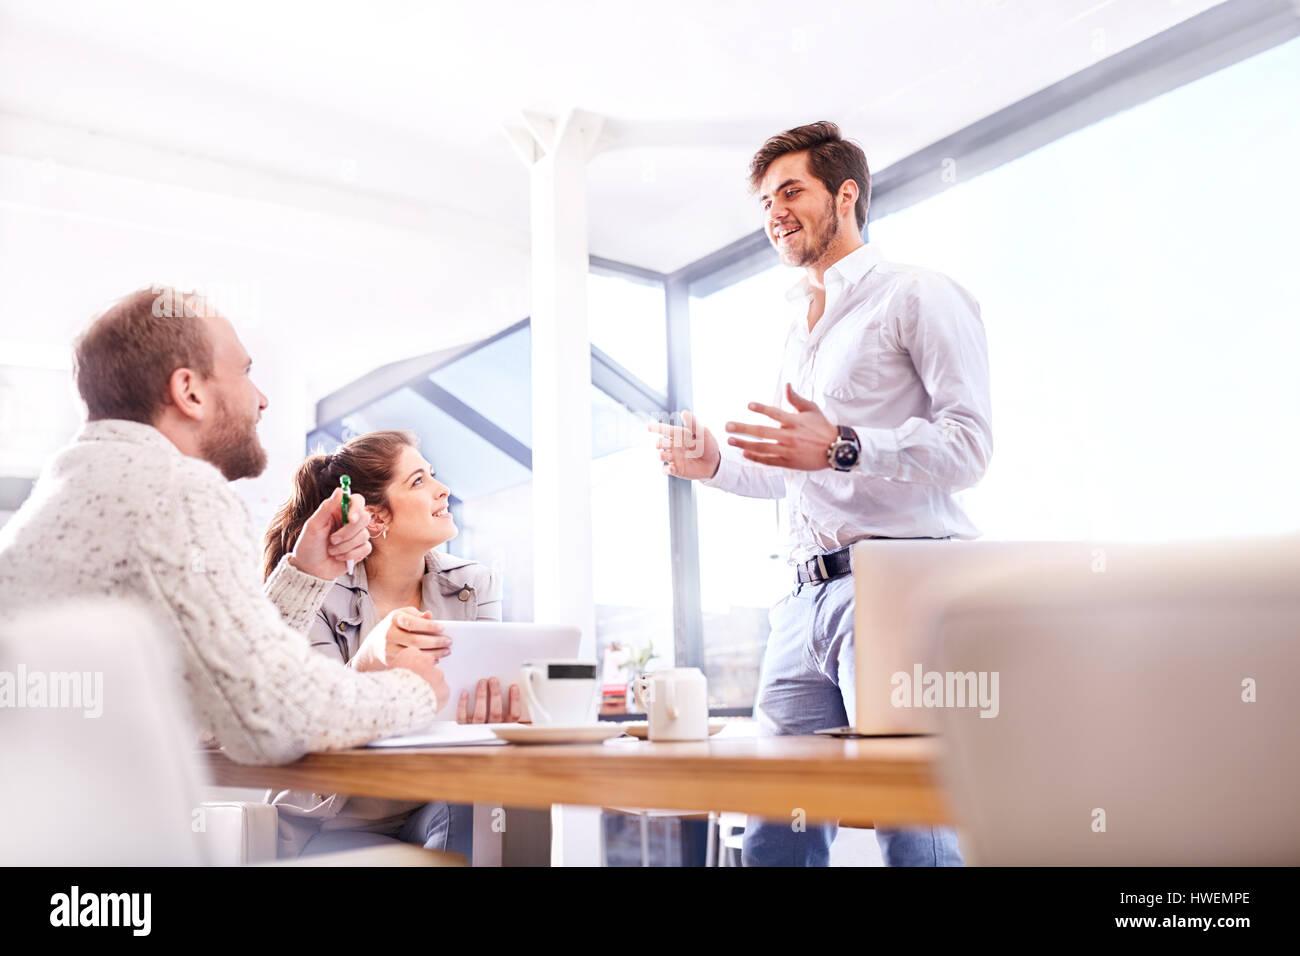 Joven Empresario de hacer la presentación de equipo empresarial en Office Imagen De Stock